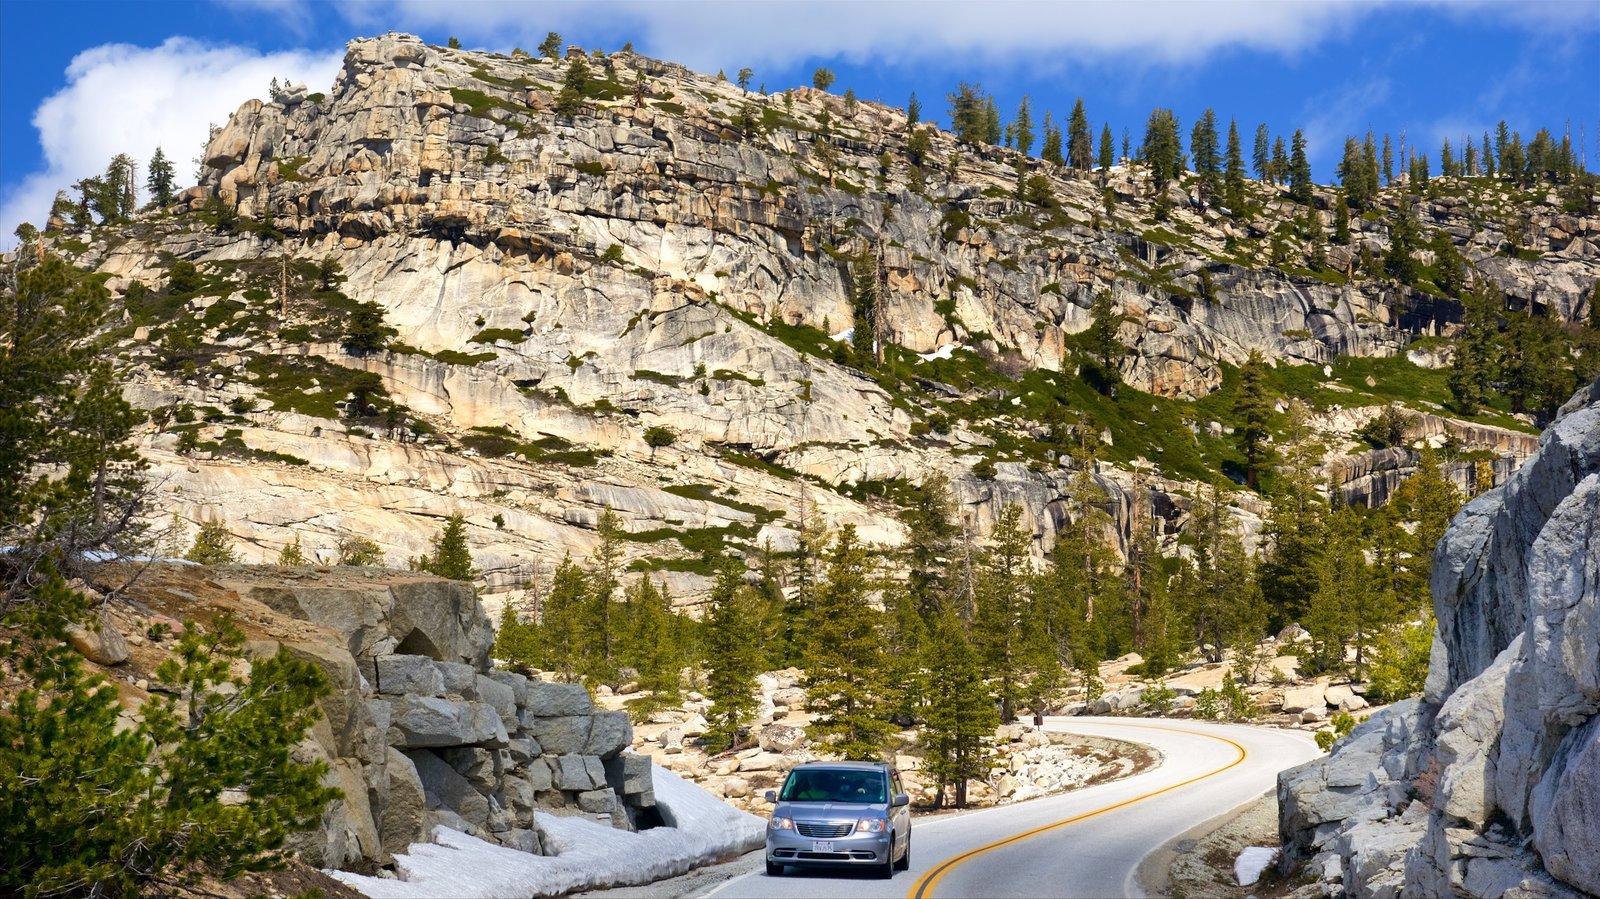 Olmsted Point que inclui montanhas, passeios e cenas tranquilas